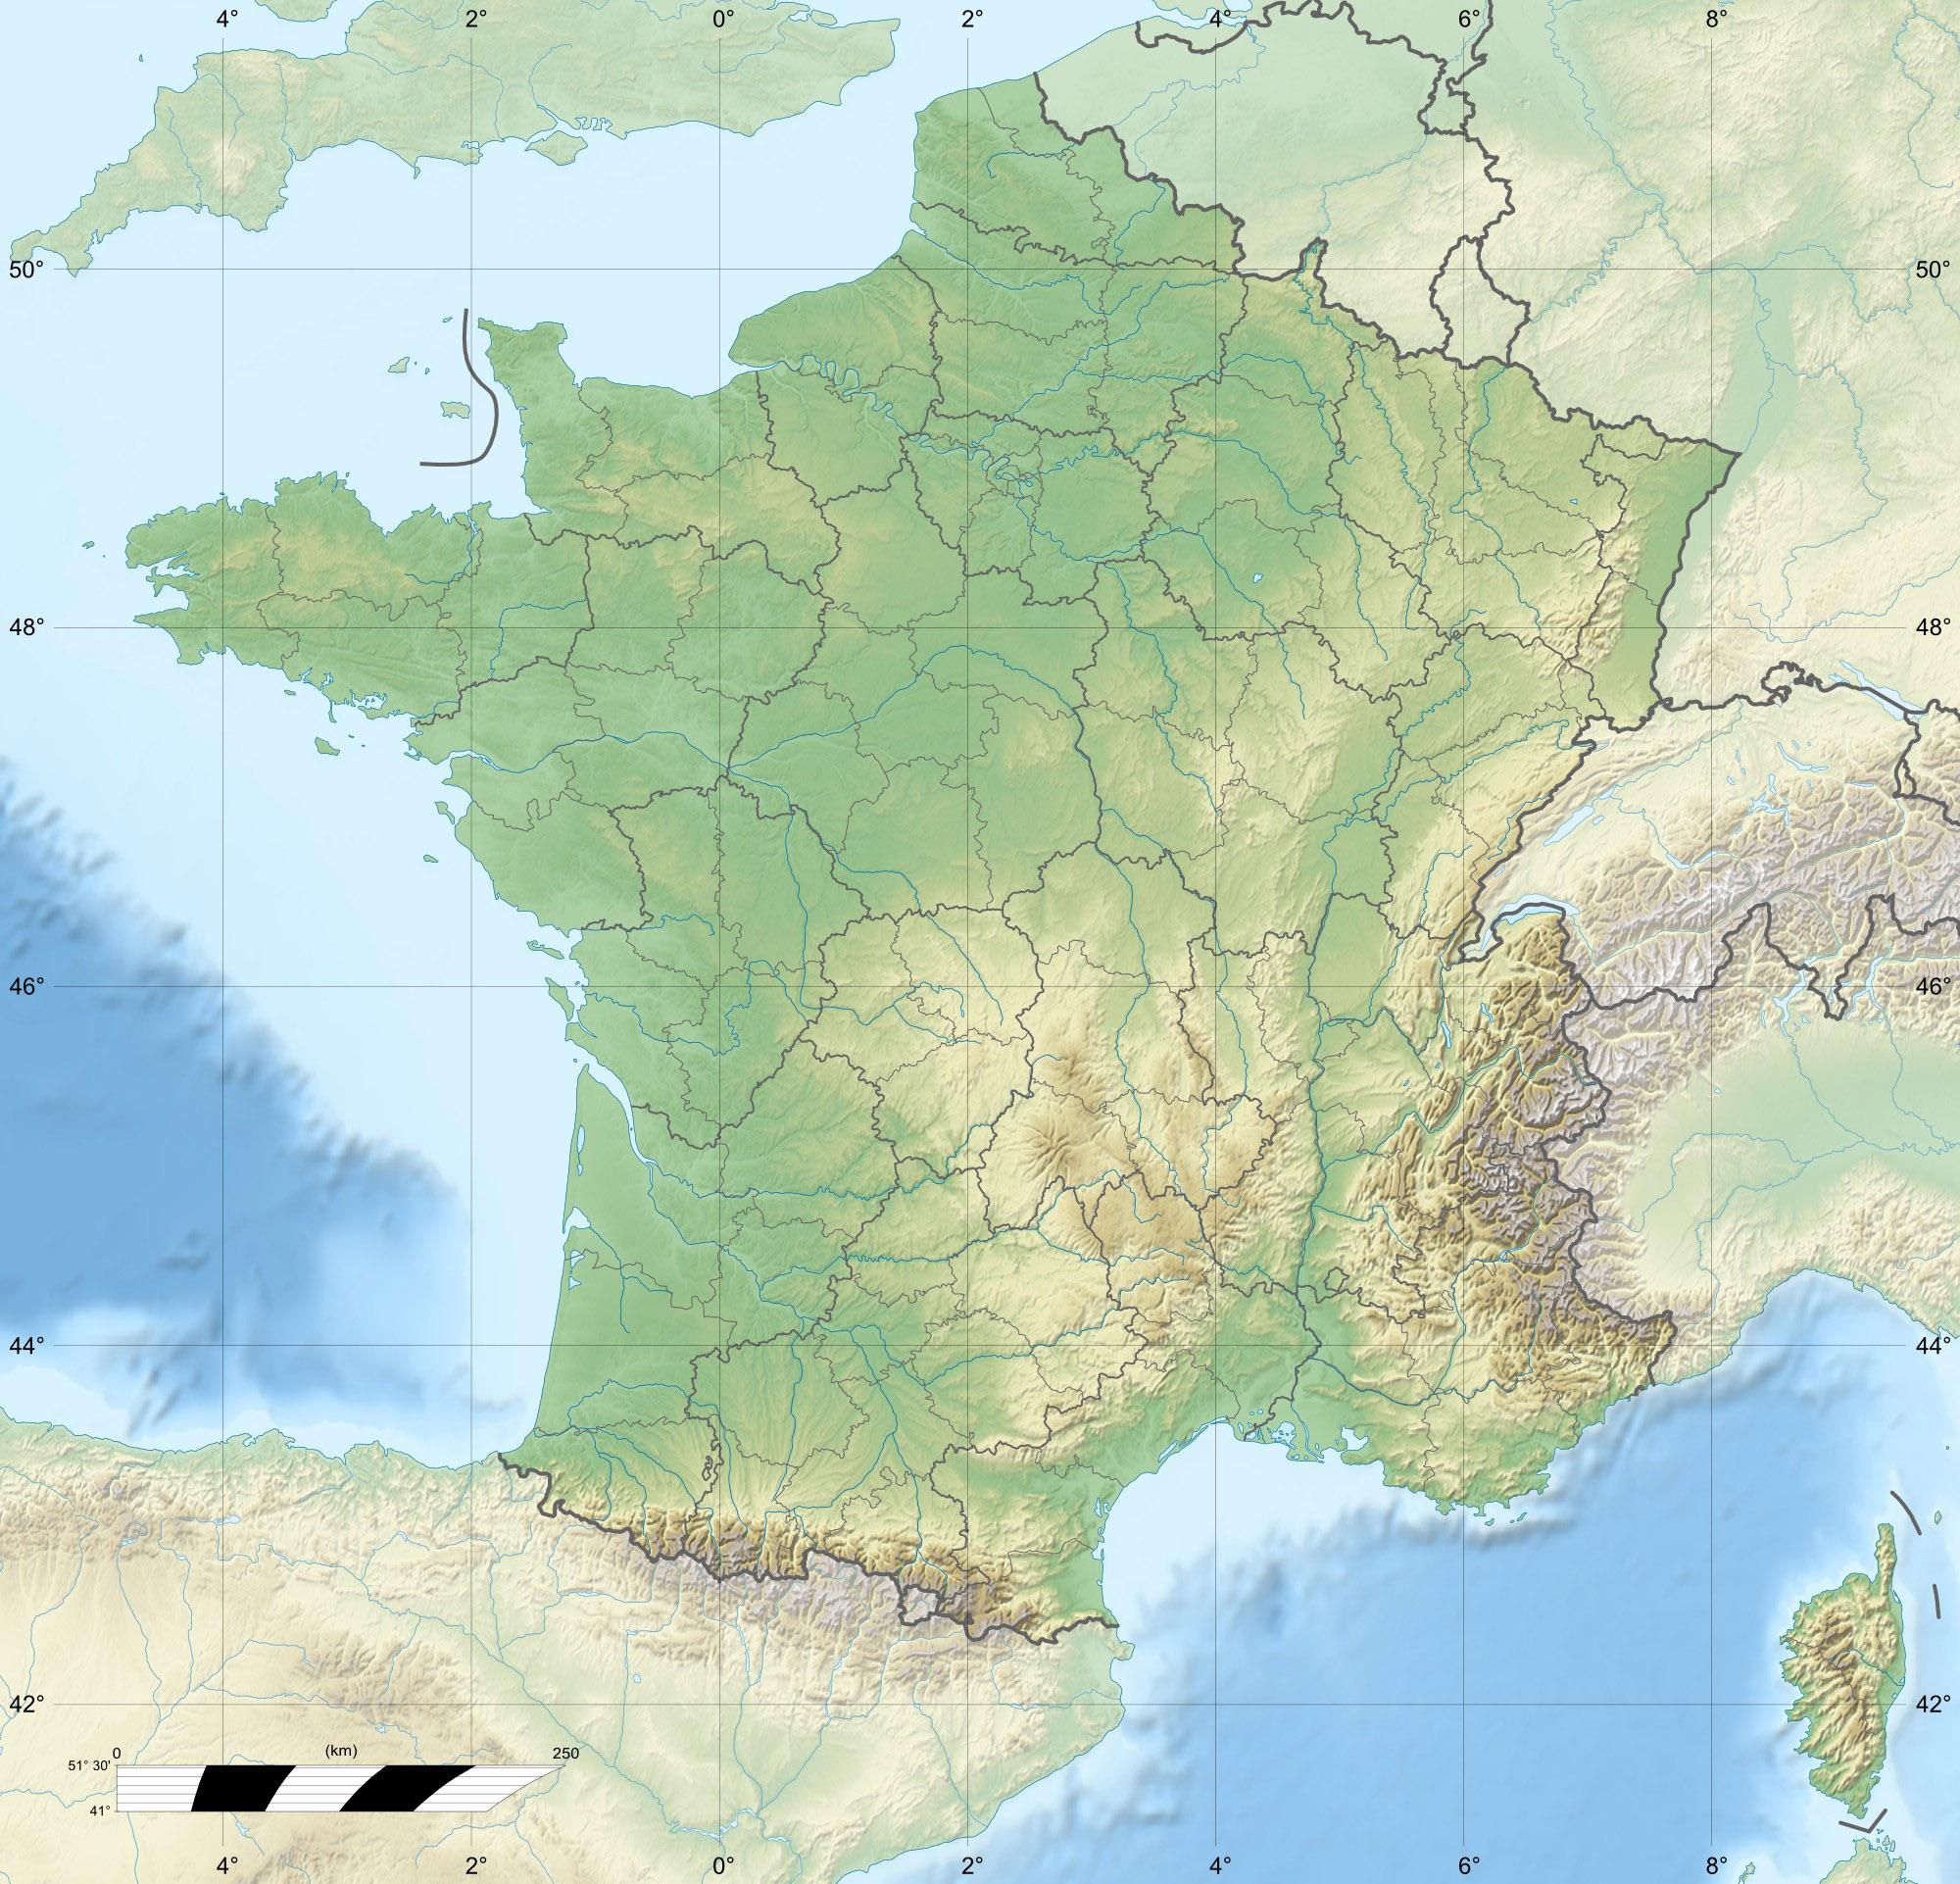 carte de france en relief File:France relief location carte regions et departements.png